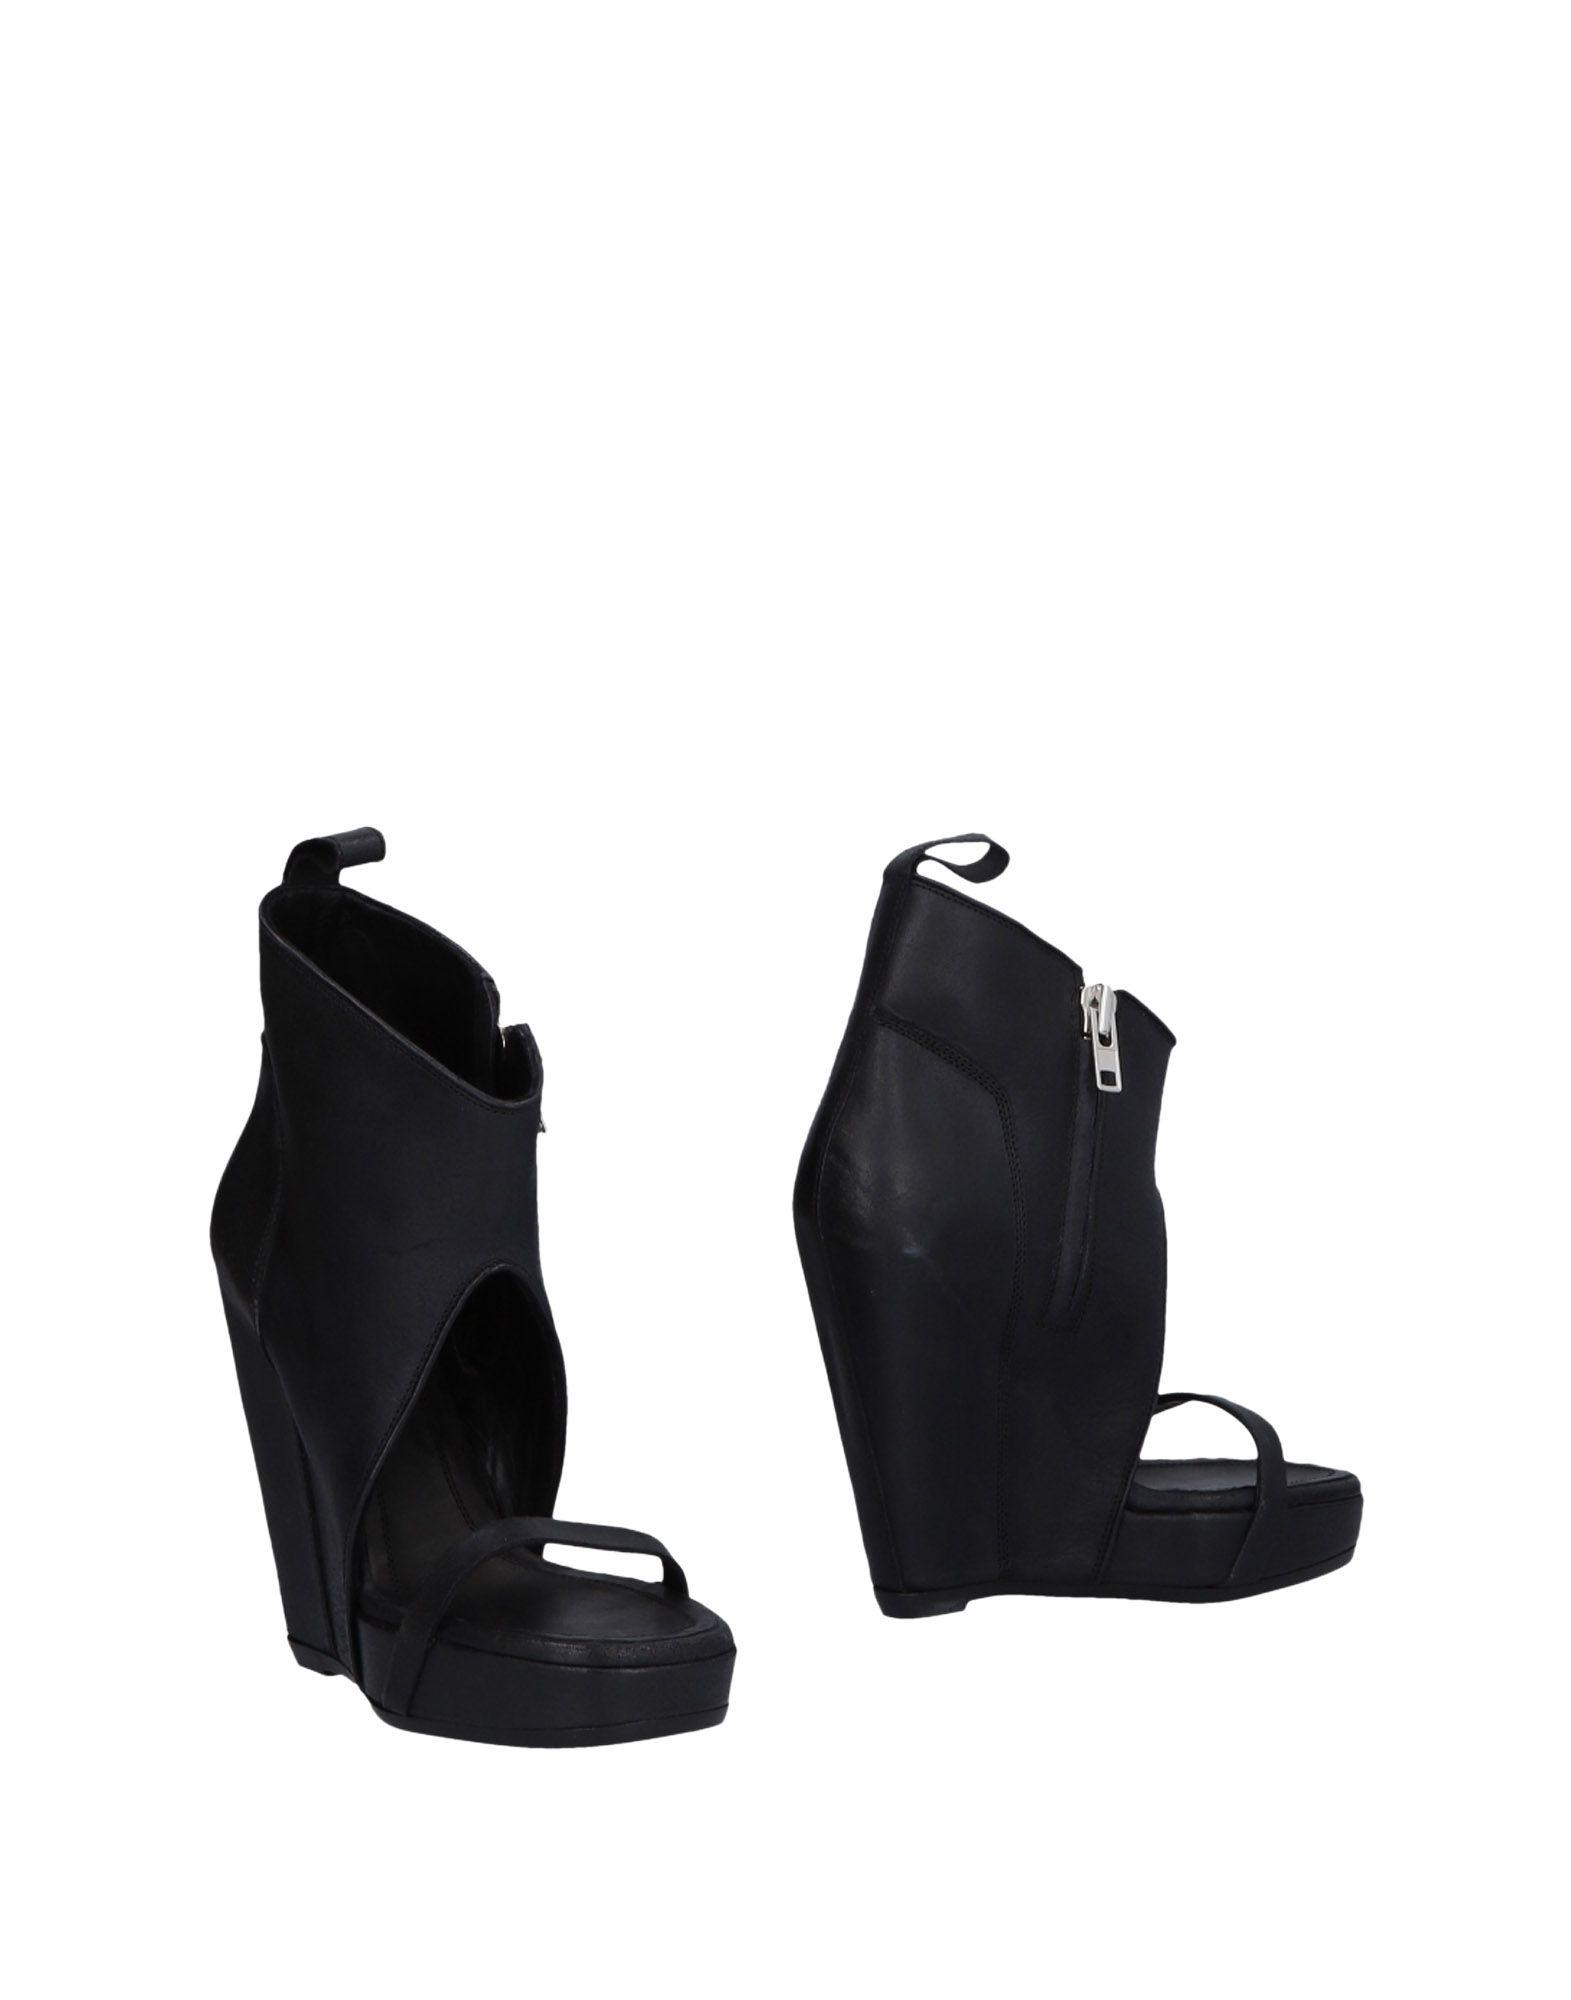 Rick Owens Stiefelette Damen  Schuhe 11475910WRGünstige gut aussehende Schuhe  0113b7